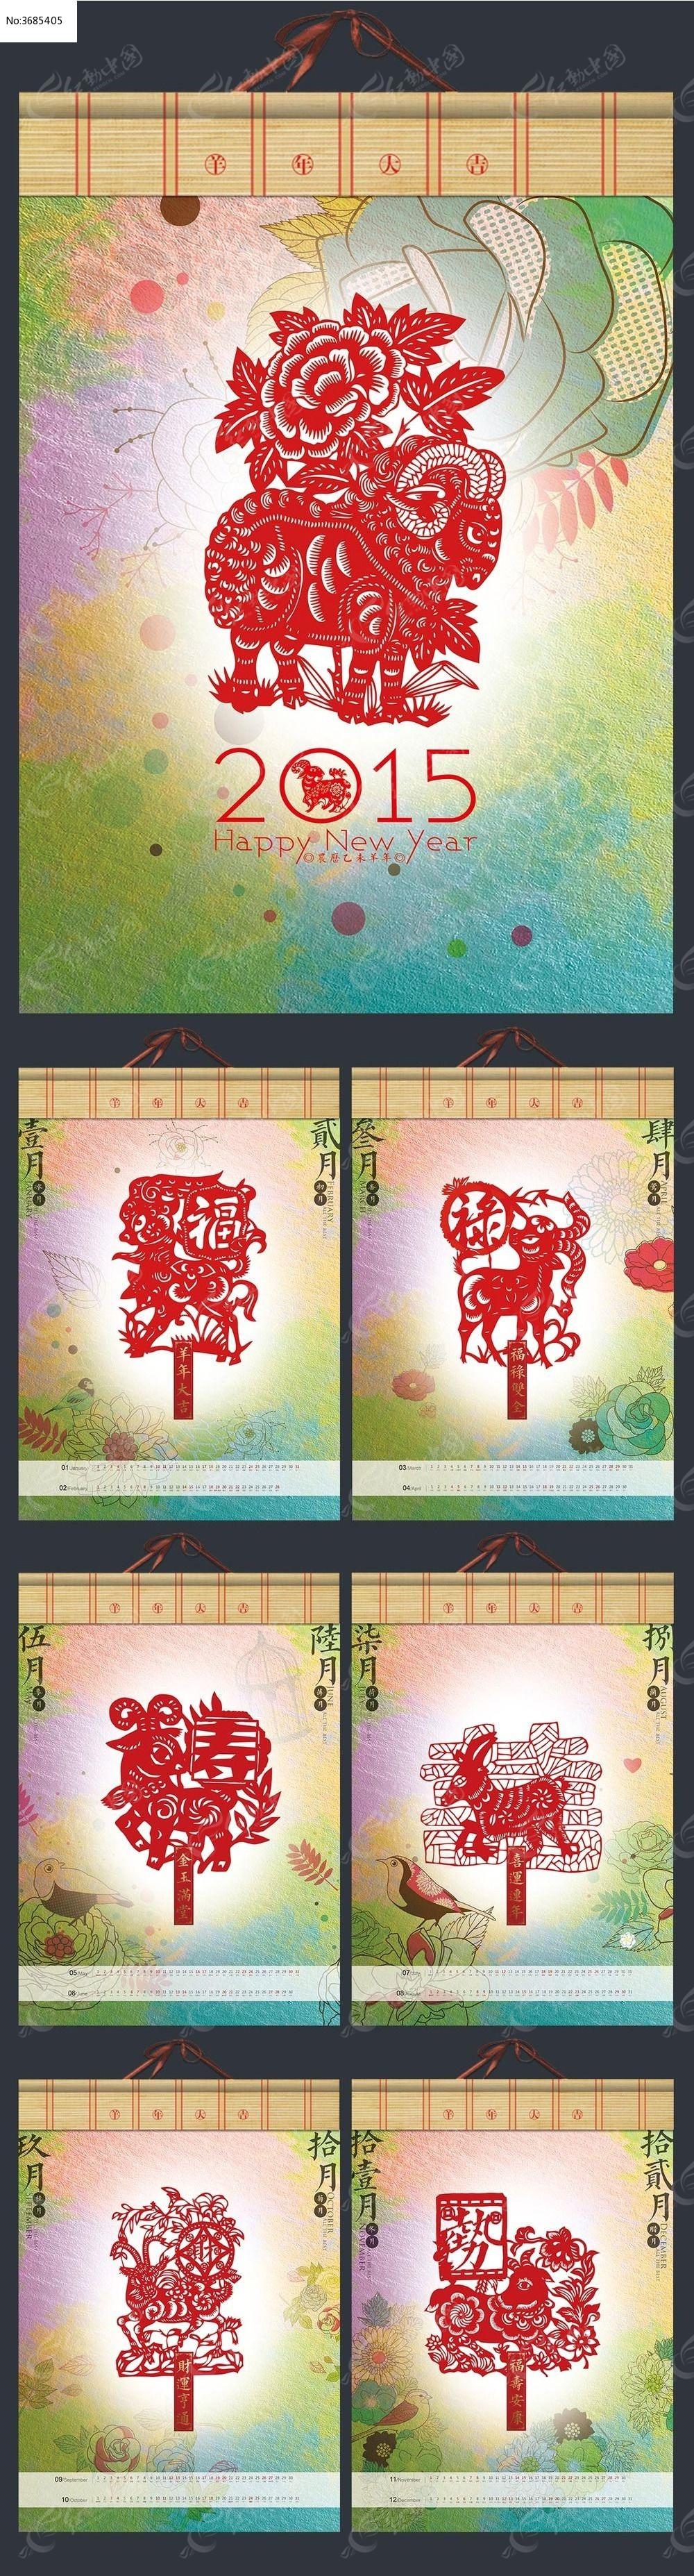 2015羊年剪纸年历挂历图片